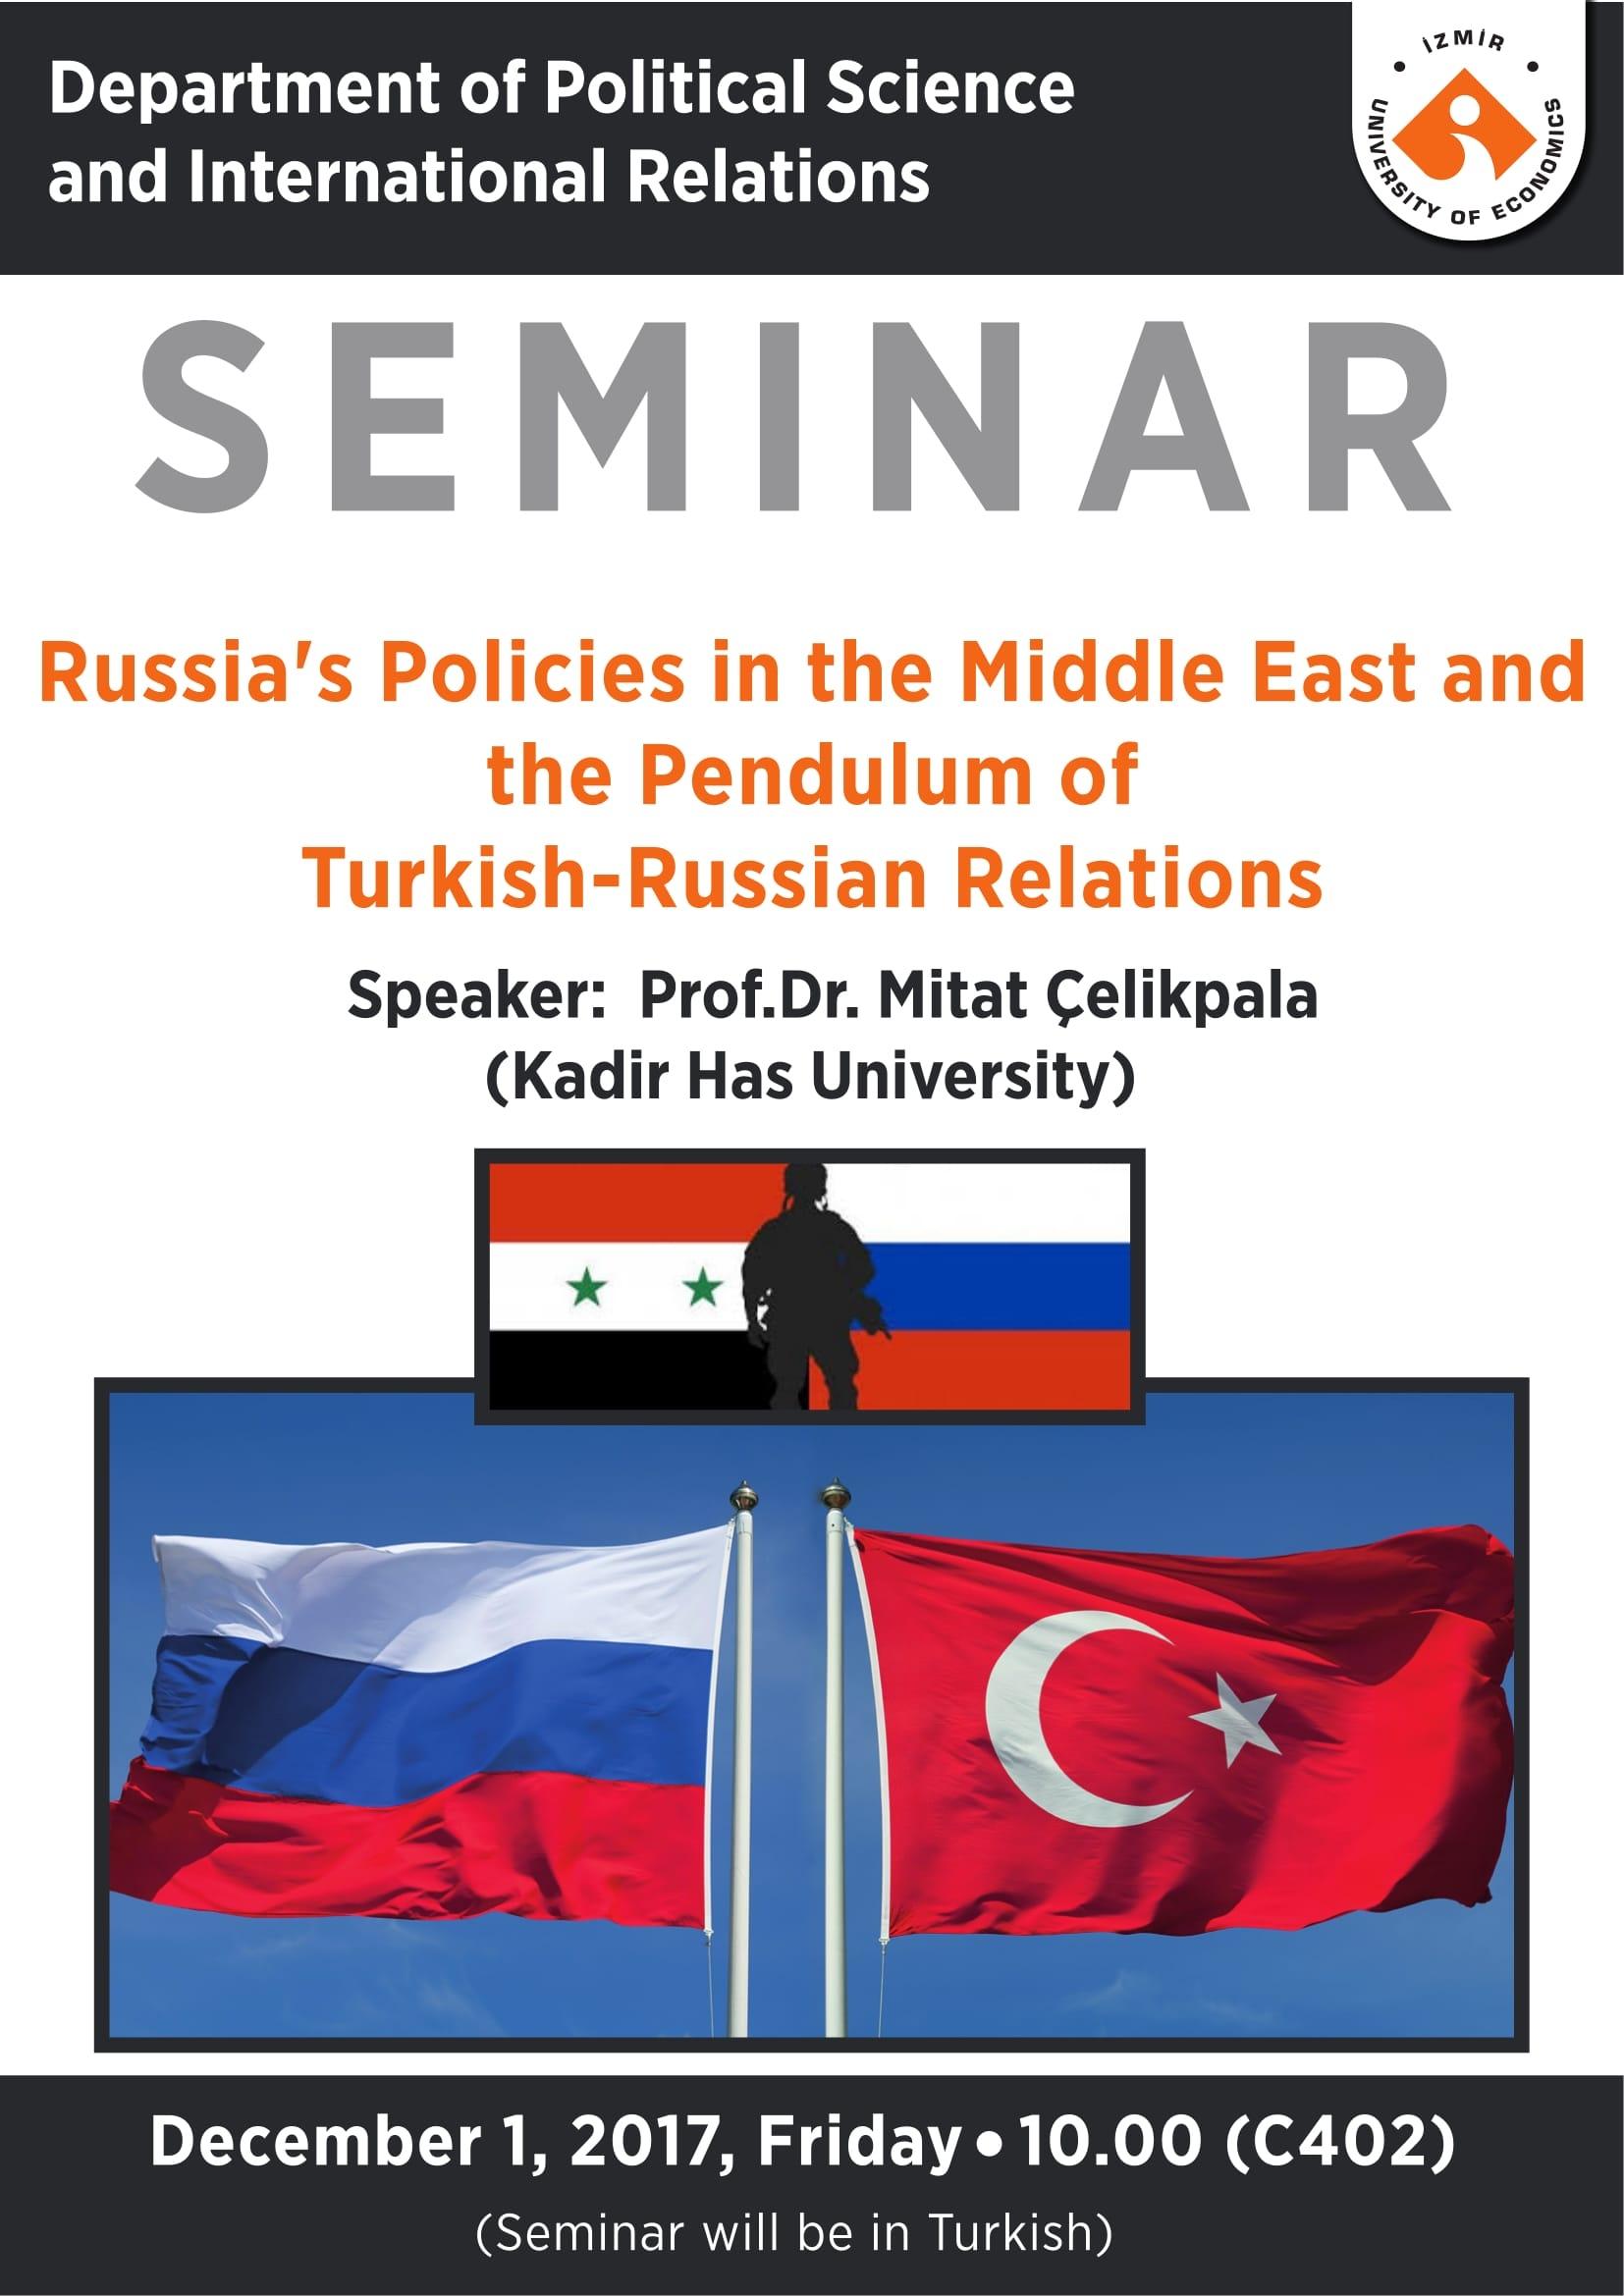 Rusya'nın Orta Doğu Politikaları ve Türk-Rus İlişkilerinde Gitgeller